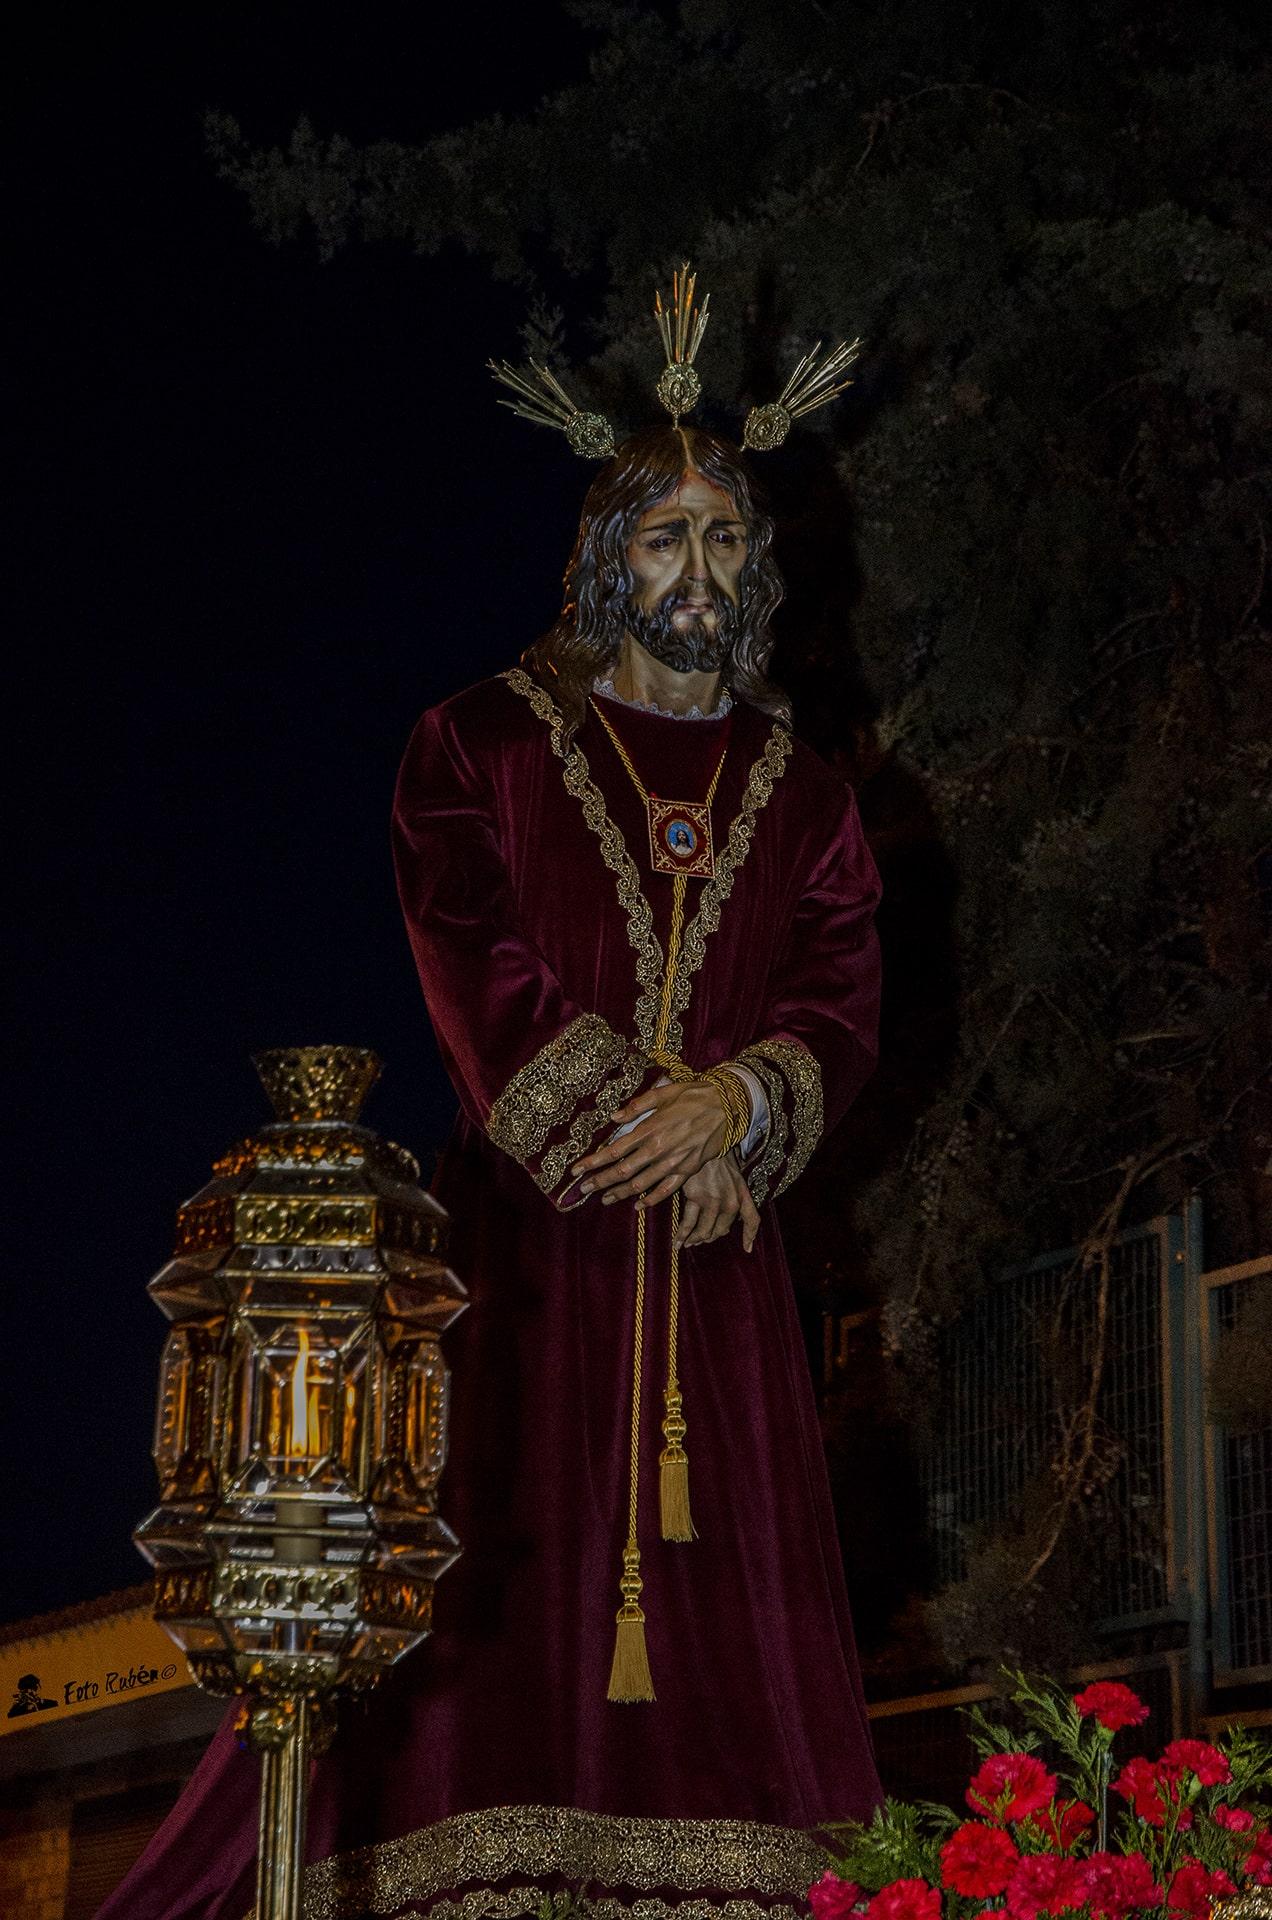 Procesión de Nuestro Padre Jesús Cautivo, Segovia 1